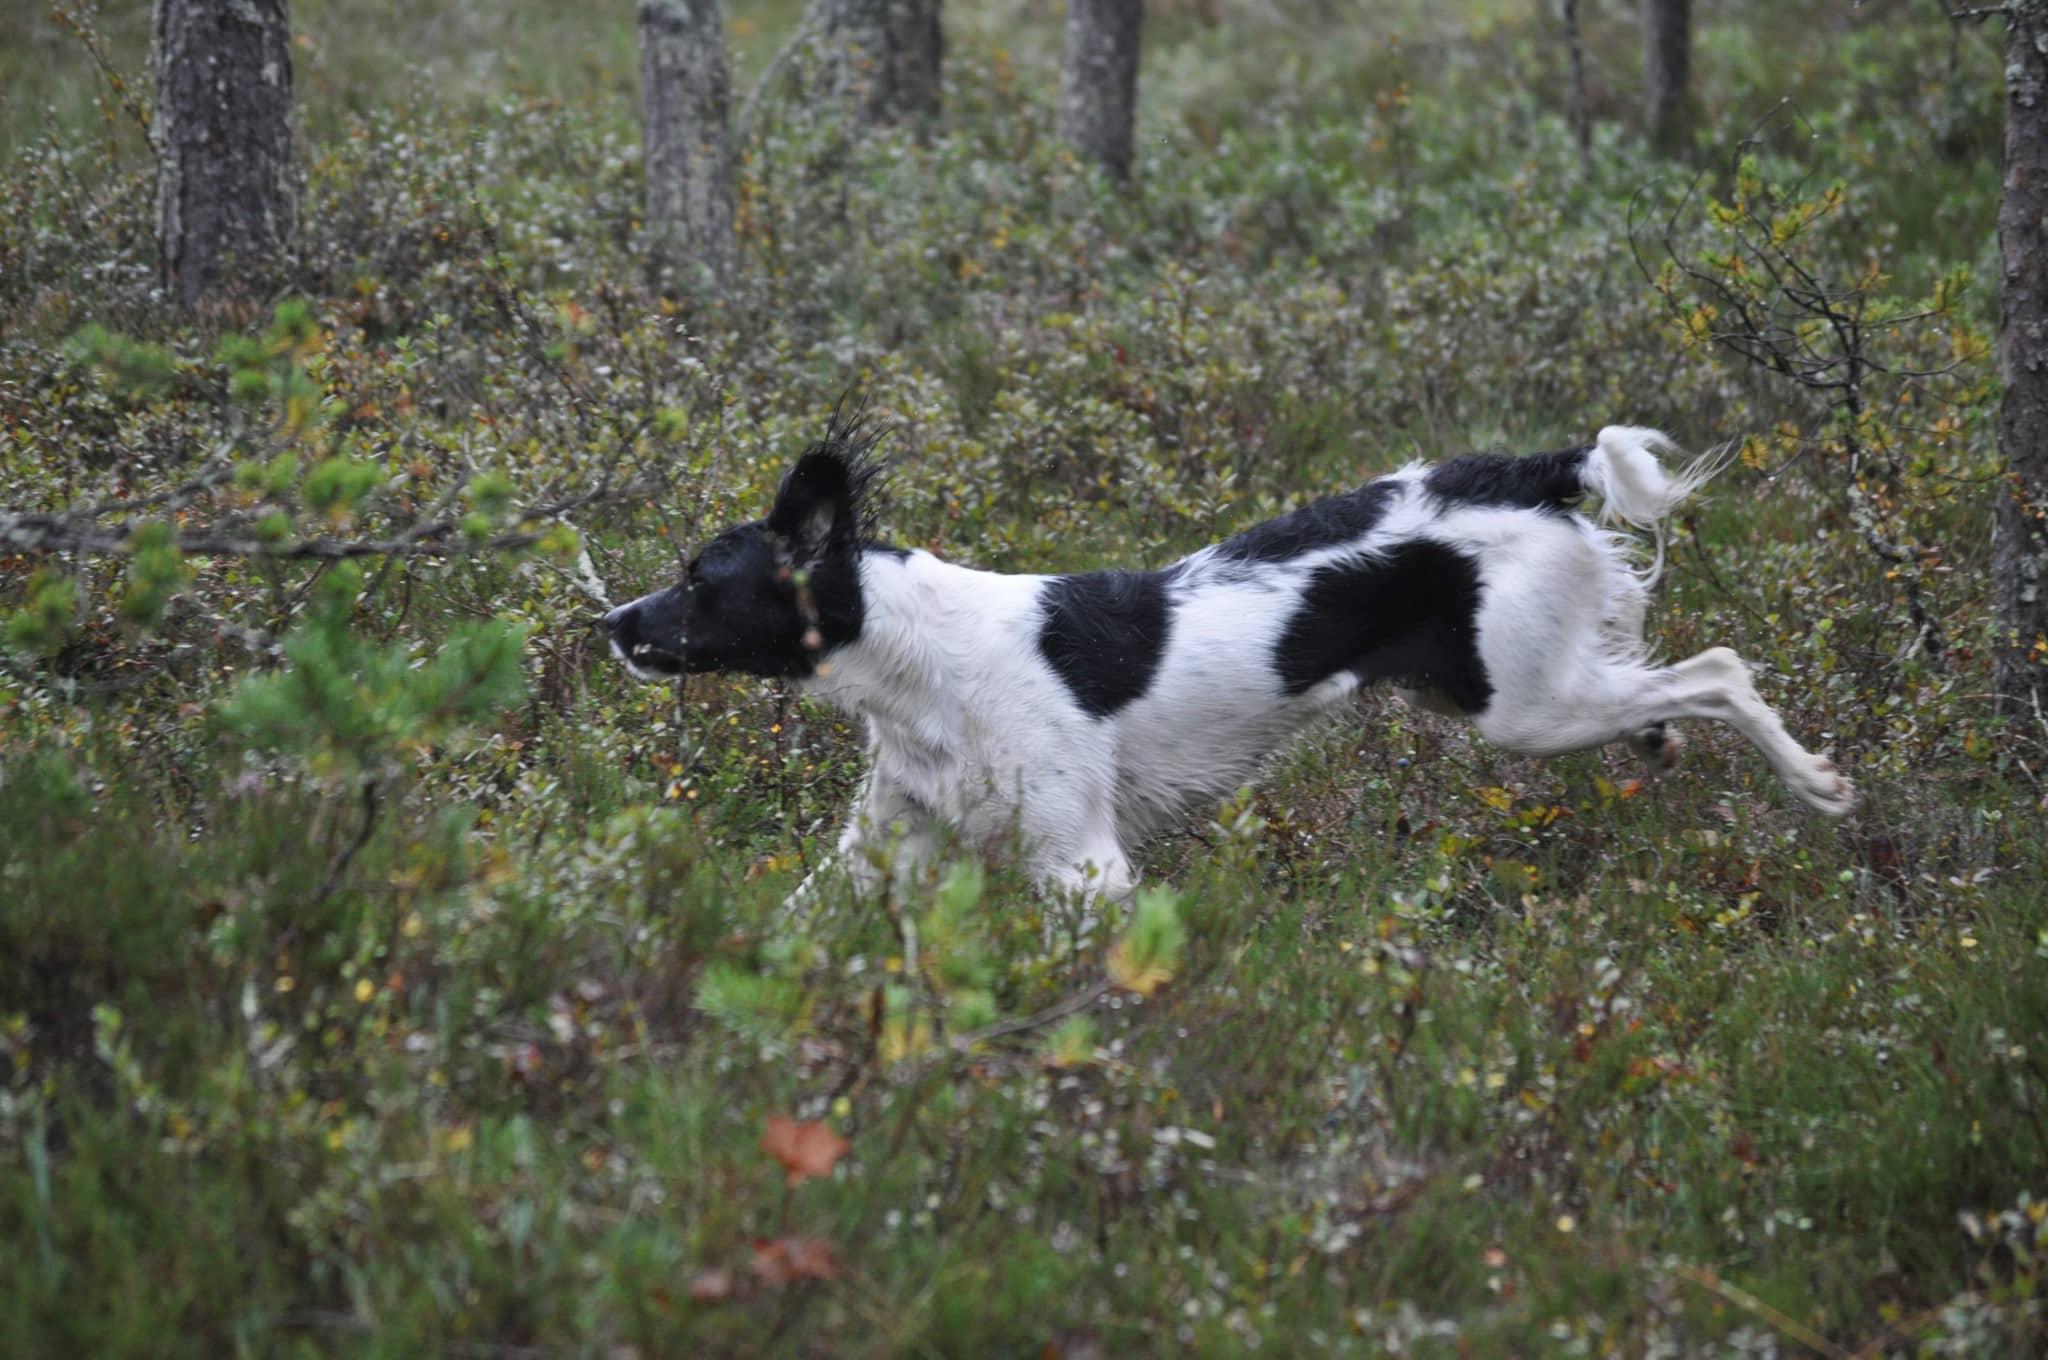 Hunden kan bli skrämd och bara dra, den glömmer bort att bakspåra sig till ägaren. Och sticker när någon närmar sig. Foto: Johnny Olsson